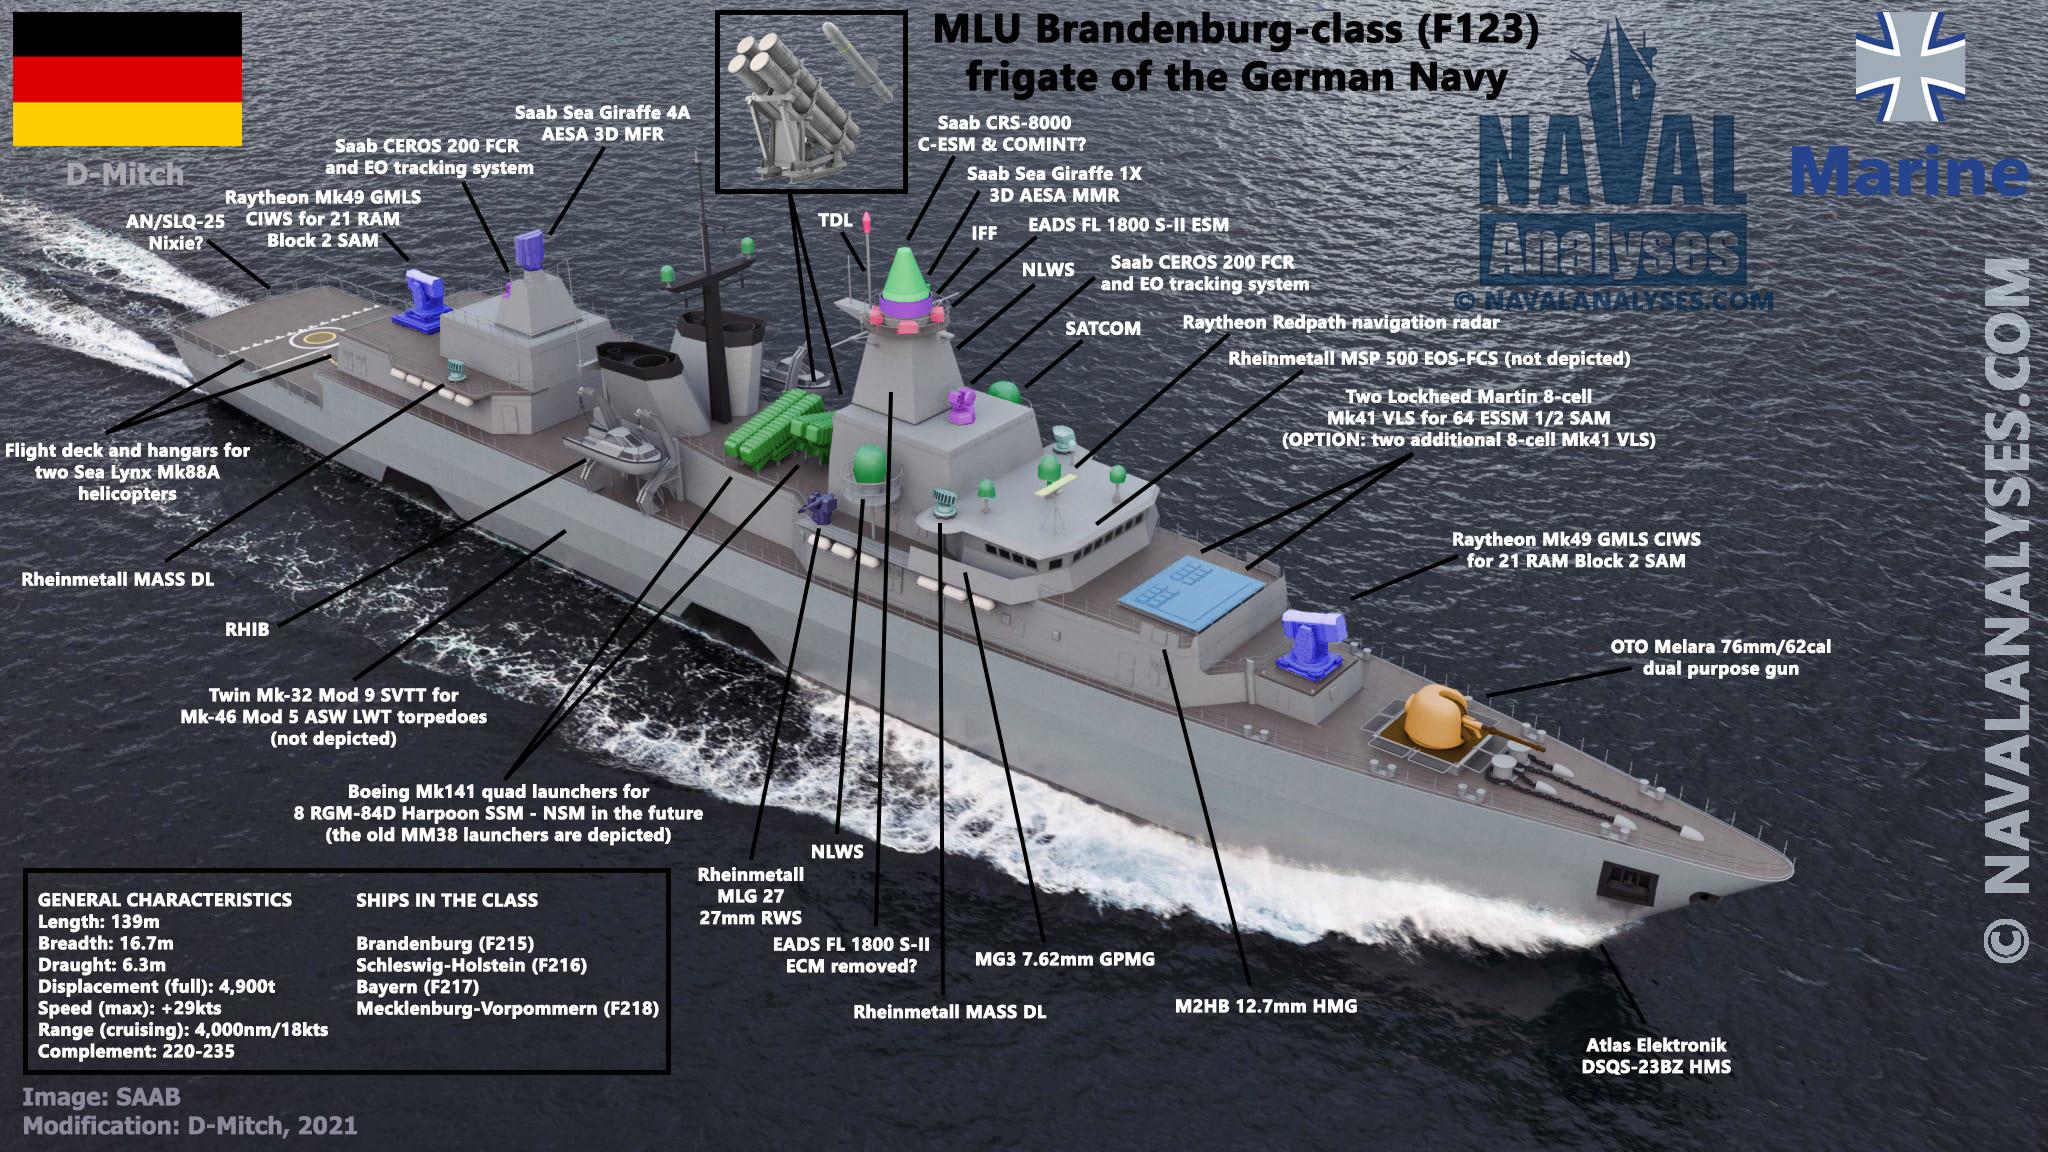 f123-frigate%2BMLU.jpg